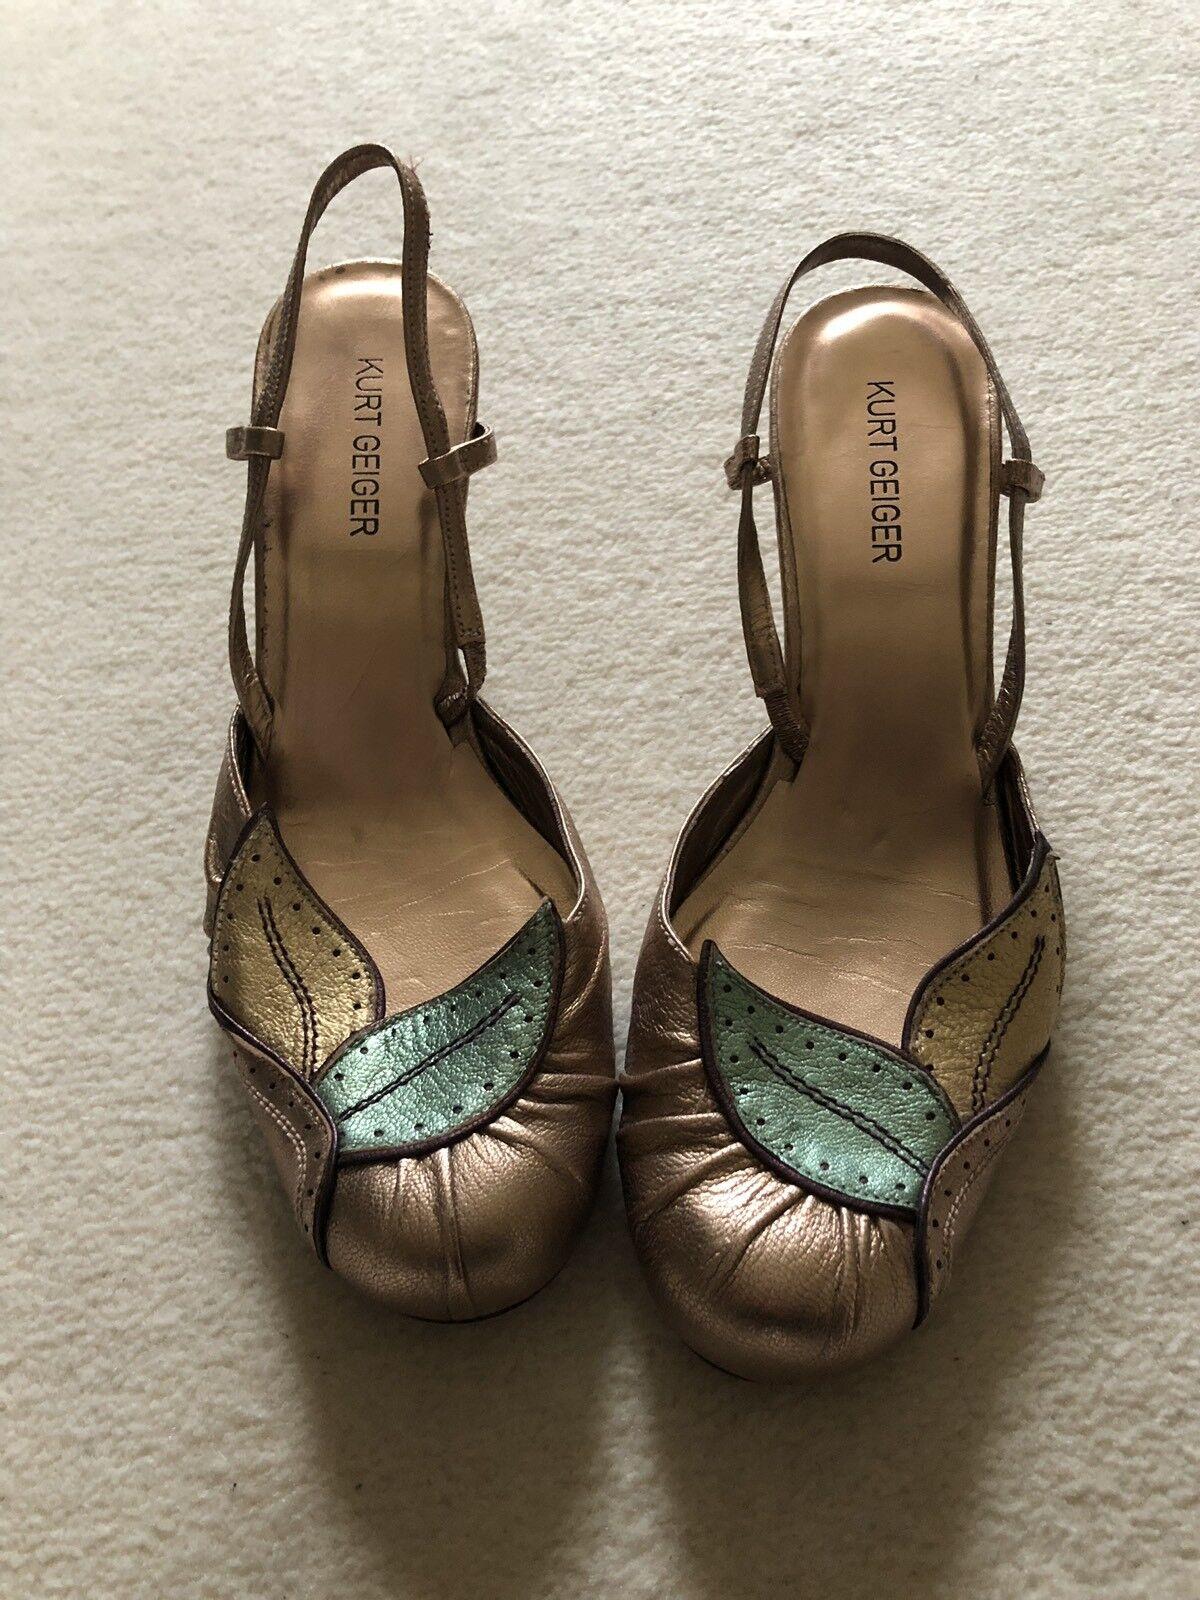 Zapatos de fiesta oro rosado de Navidad con poco Gatito Gatito Gatito Talón. Kurt Geiger. 37 4 388377